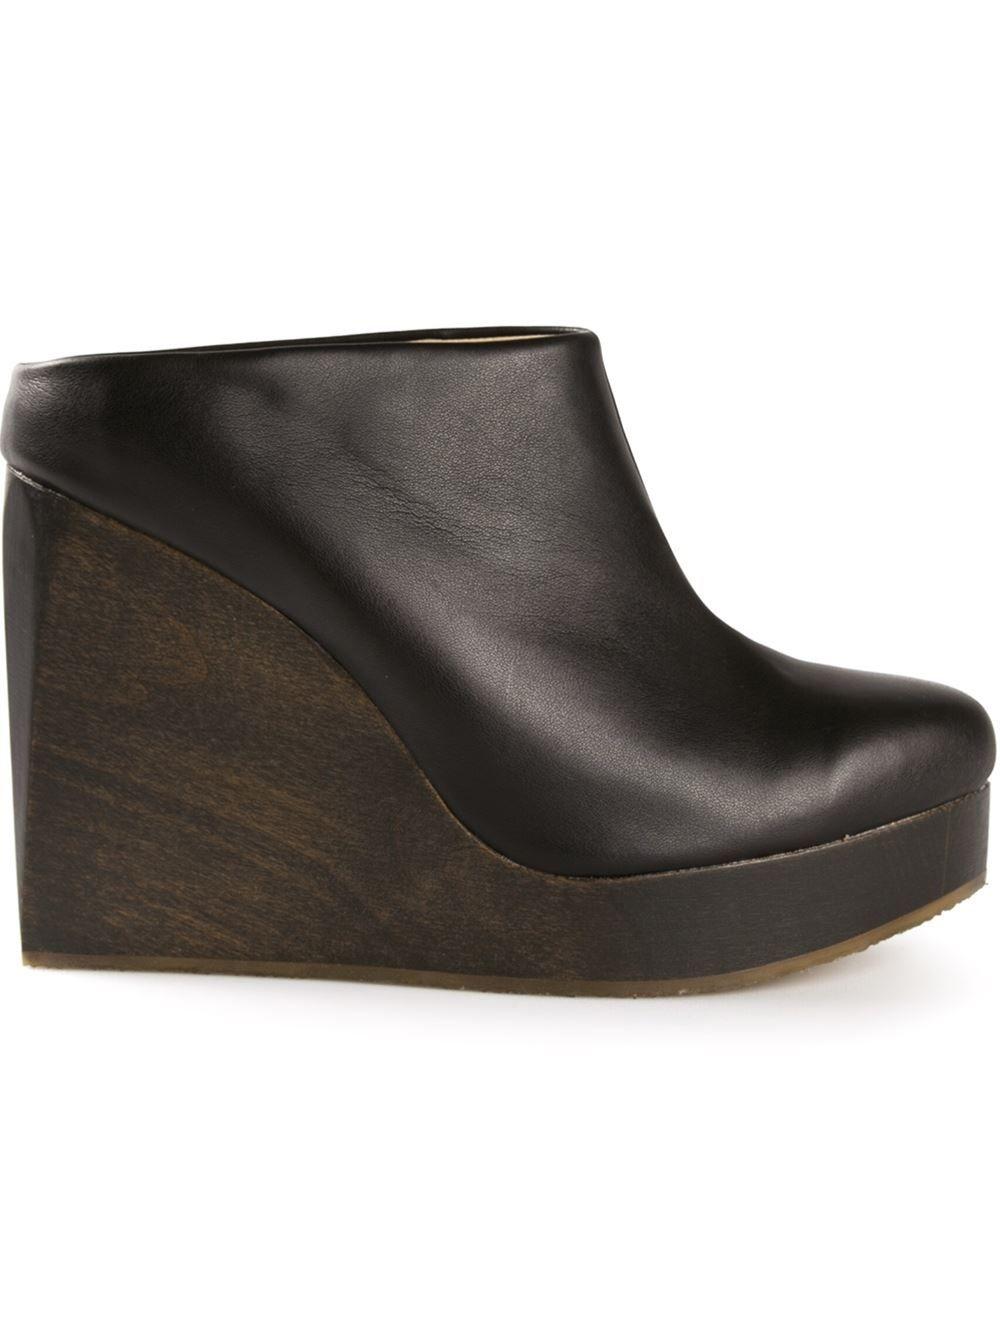 1dbcdcd746b3 Sydney Brown Wedge Clogs in Black